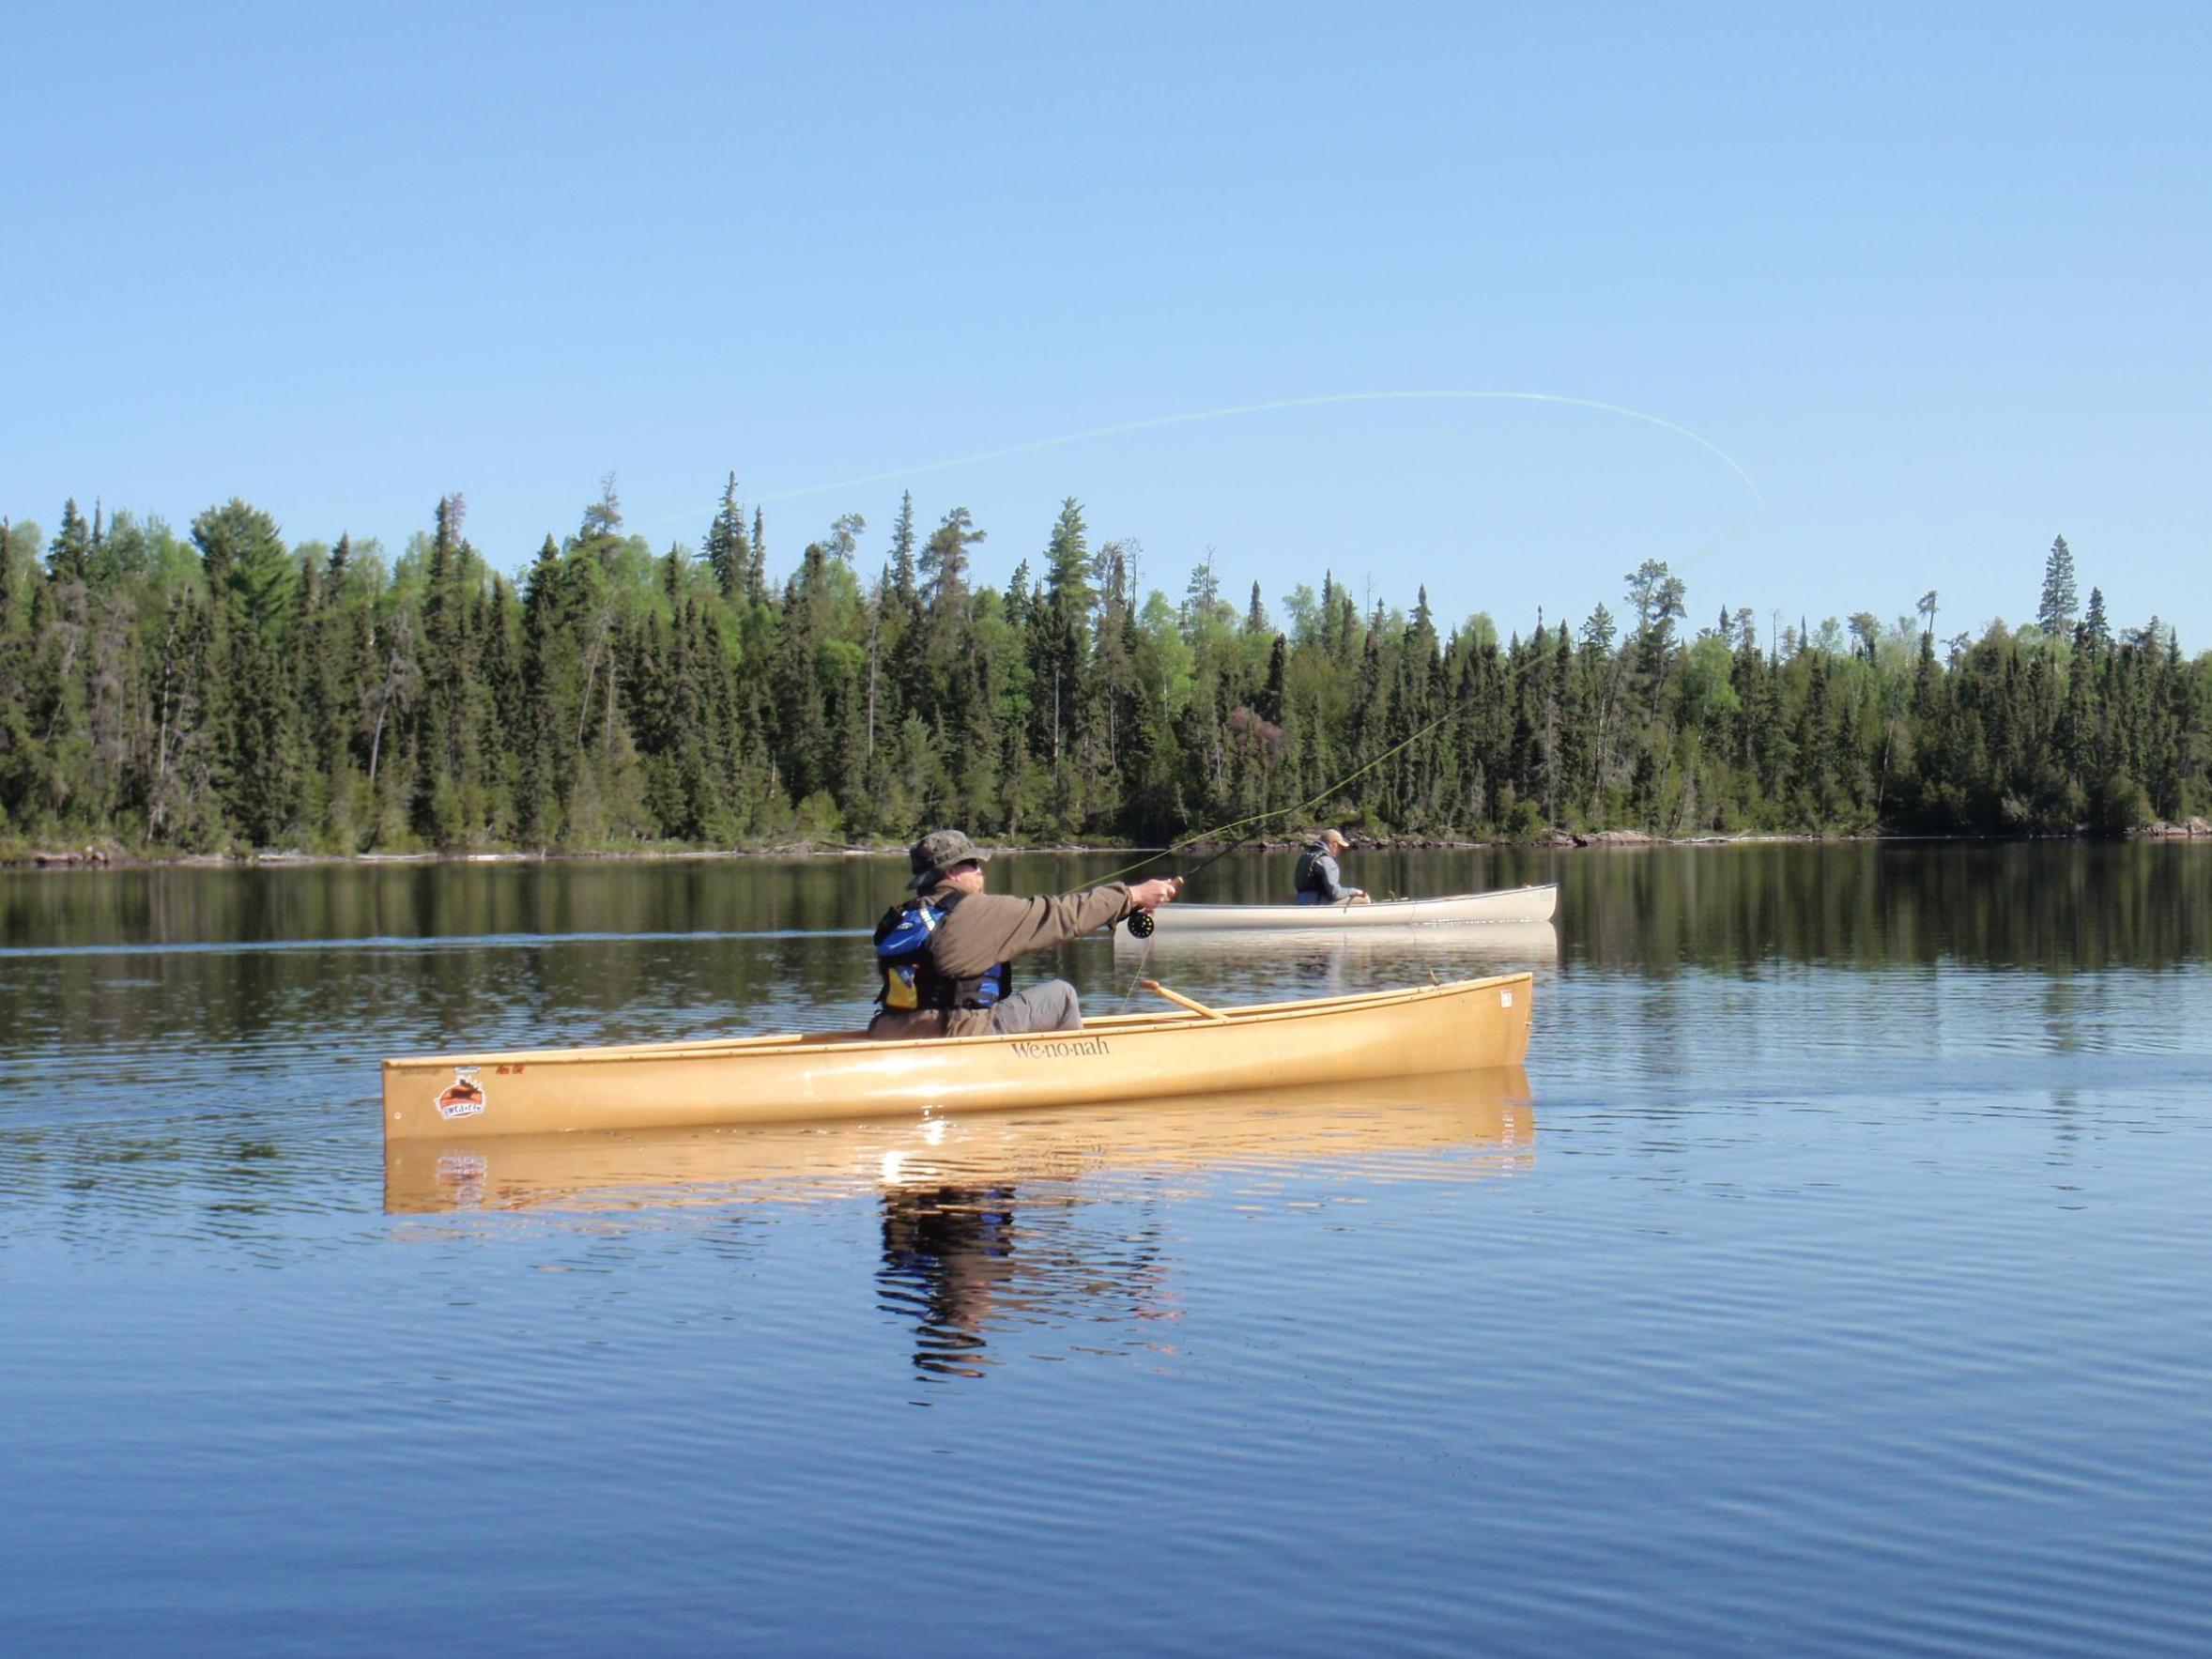 Bwca good solo tripper fishing canoe boundary waters gear for Solo fishing canoe